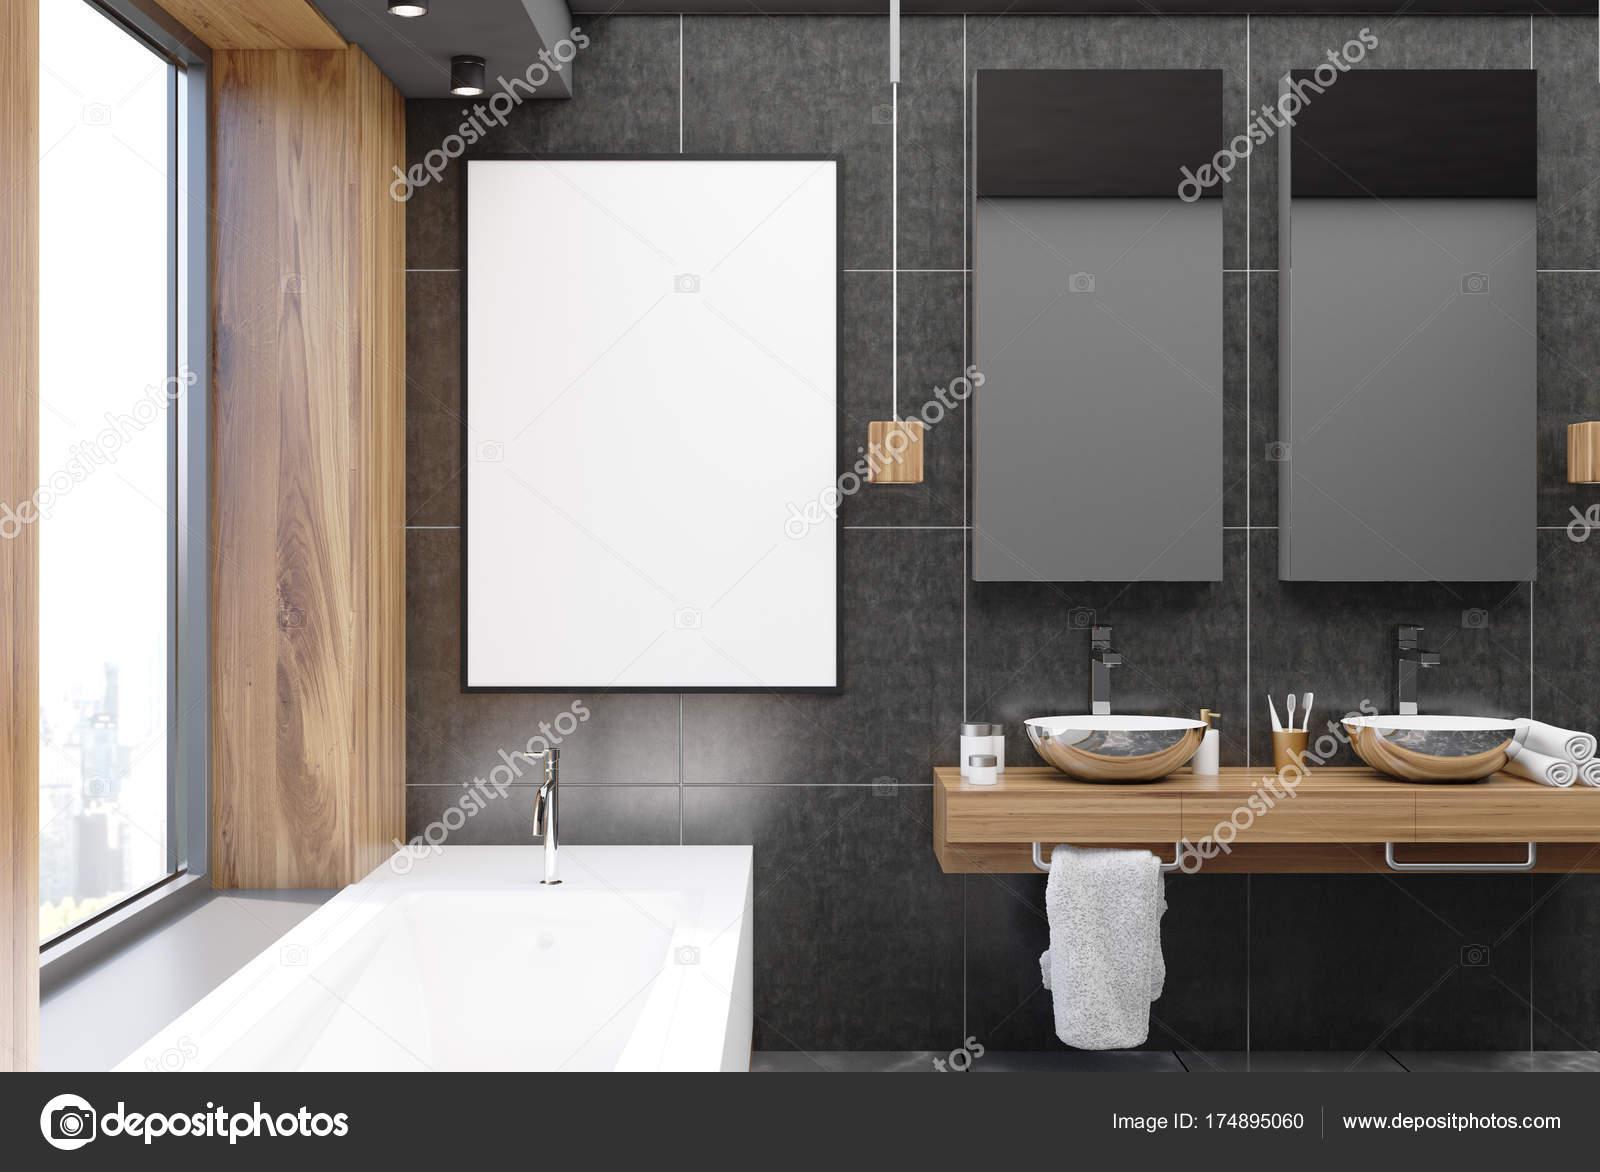 Bagno Legno E Grigio : Bagno nero e legno poster u2014 foto stock © denisismagilov #174895060